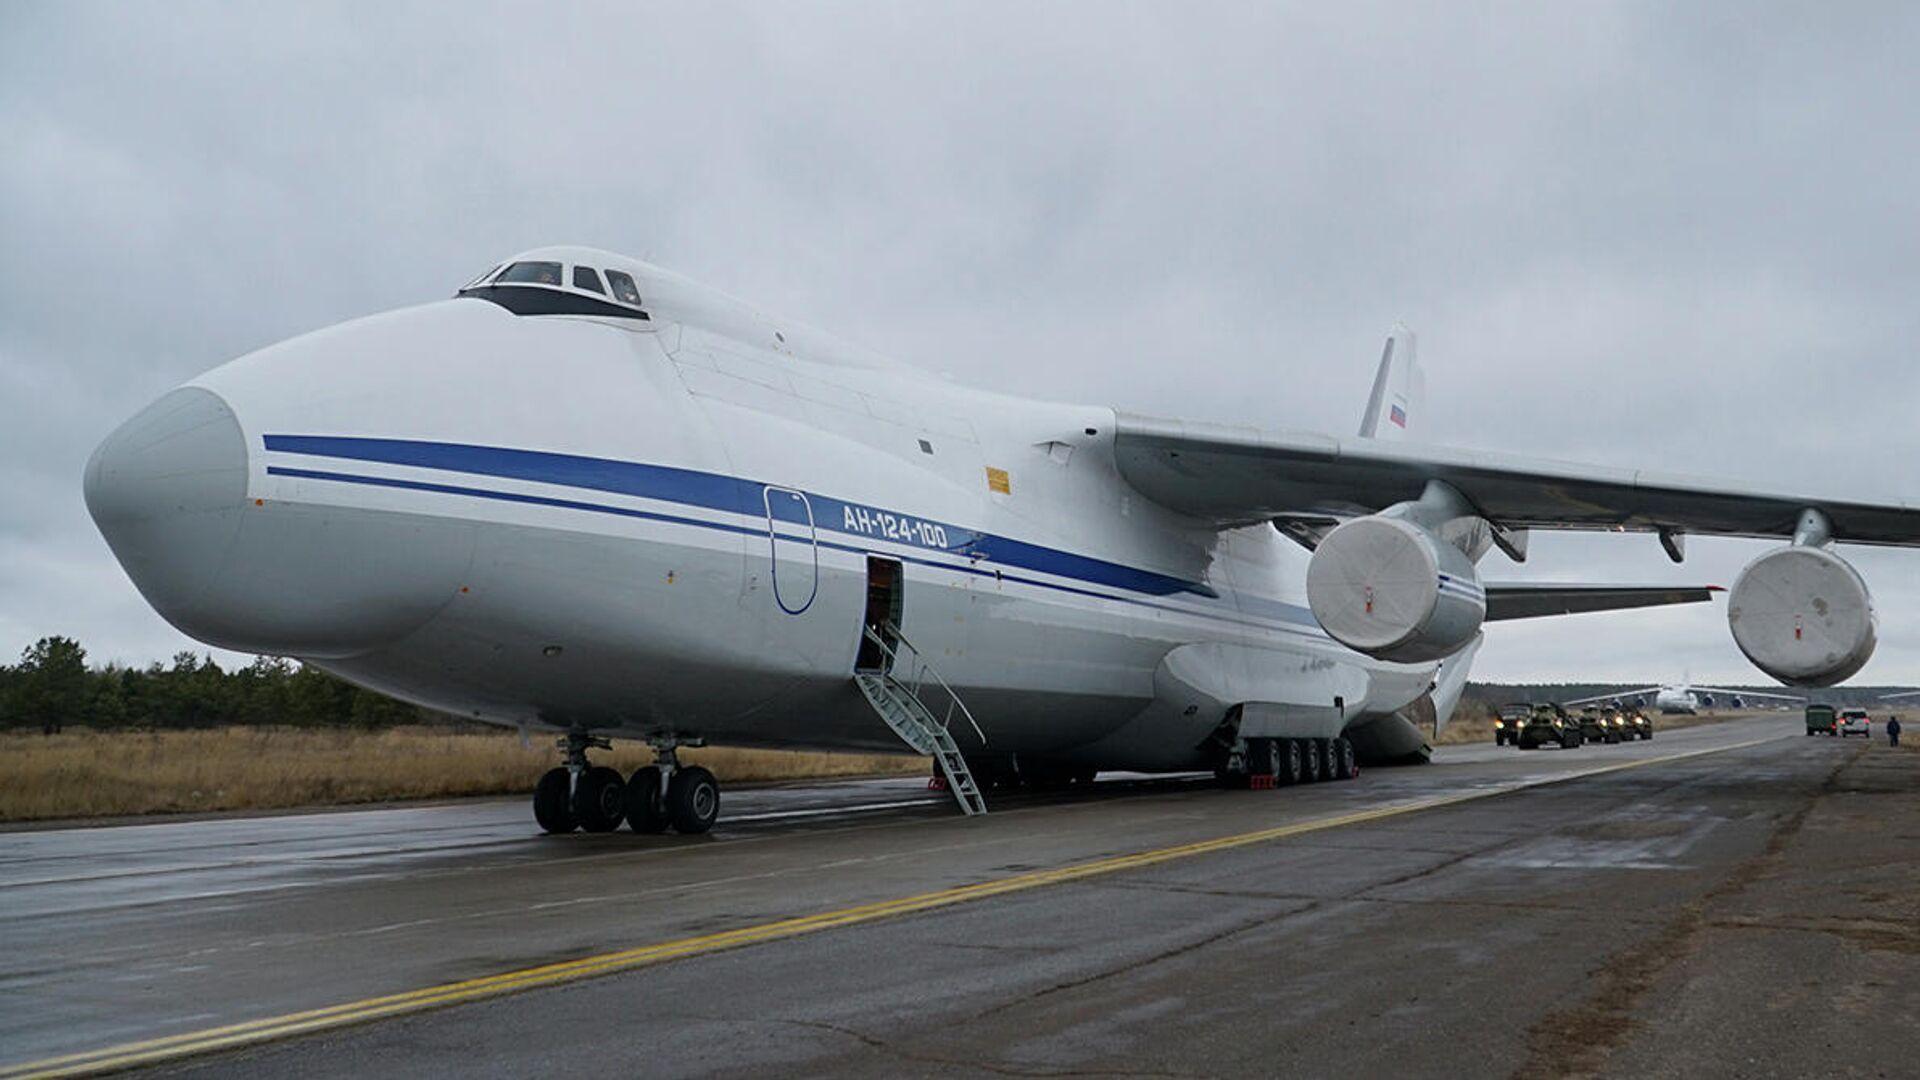 Un avi'on de transporte militra ruso An-124 Ruslan - Sputnik Mundo, 1920, 24.07.2021